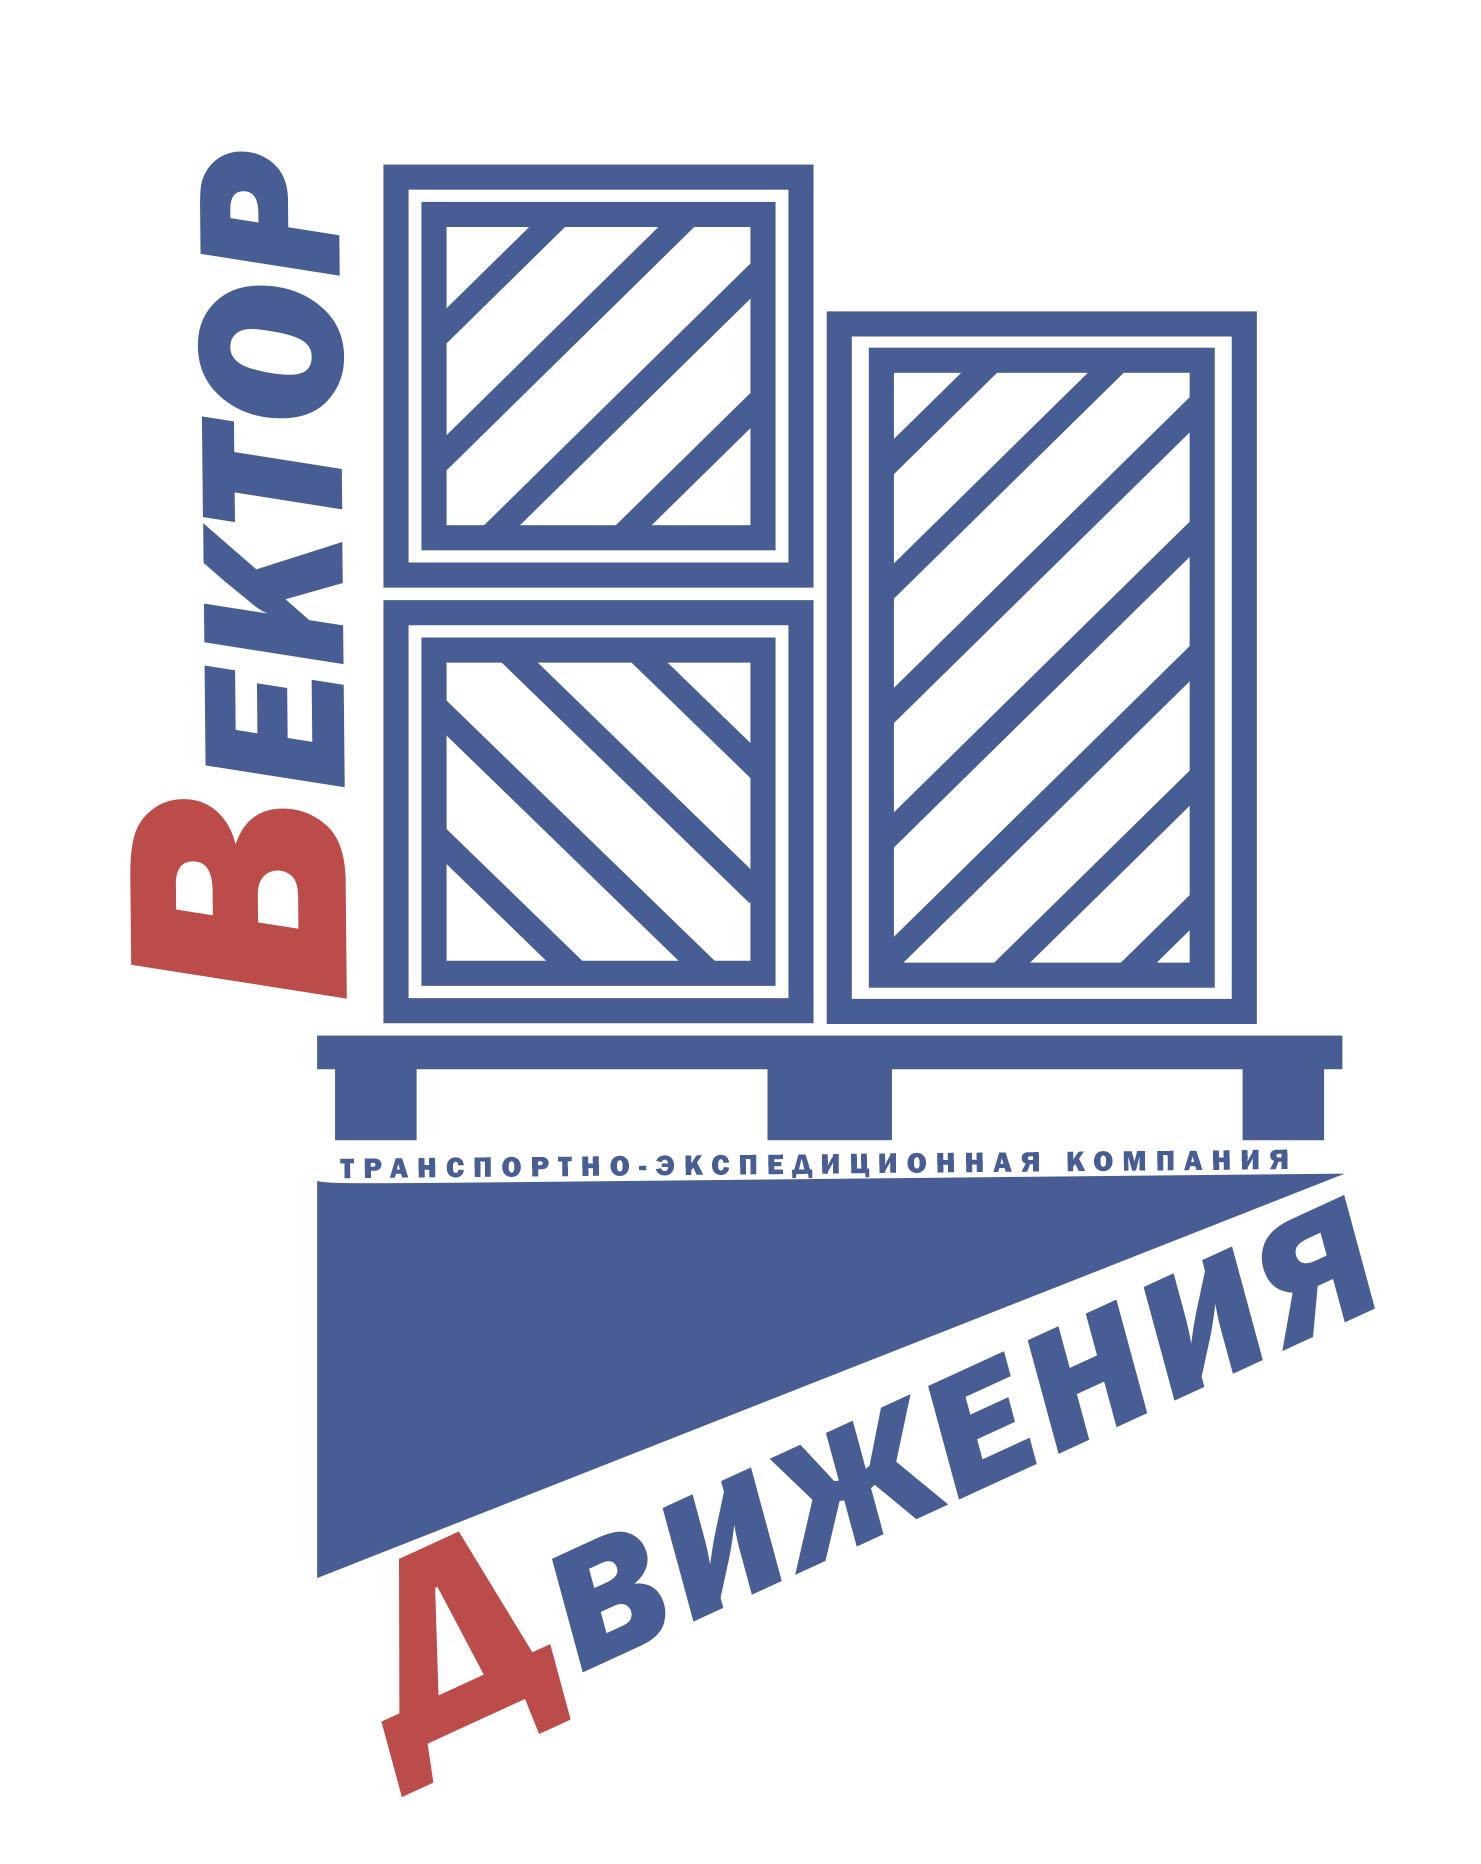 Разработка логотипа фото f_1205c349ce15badd.jpg